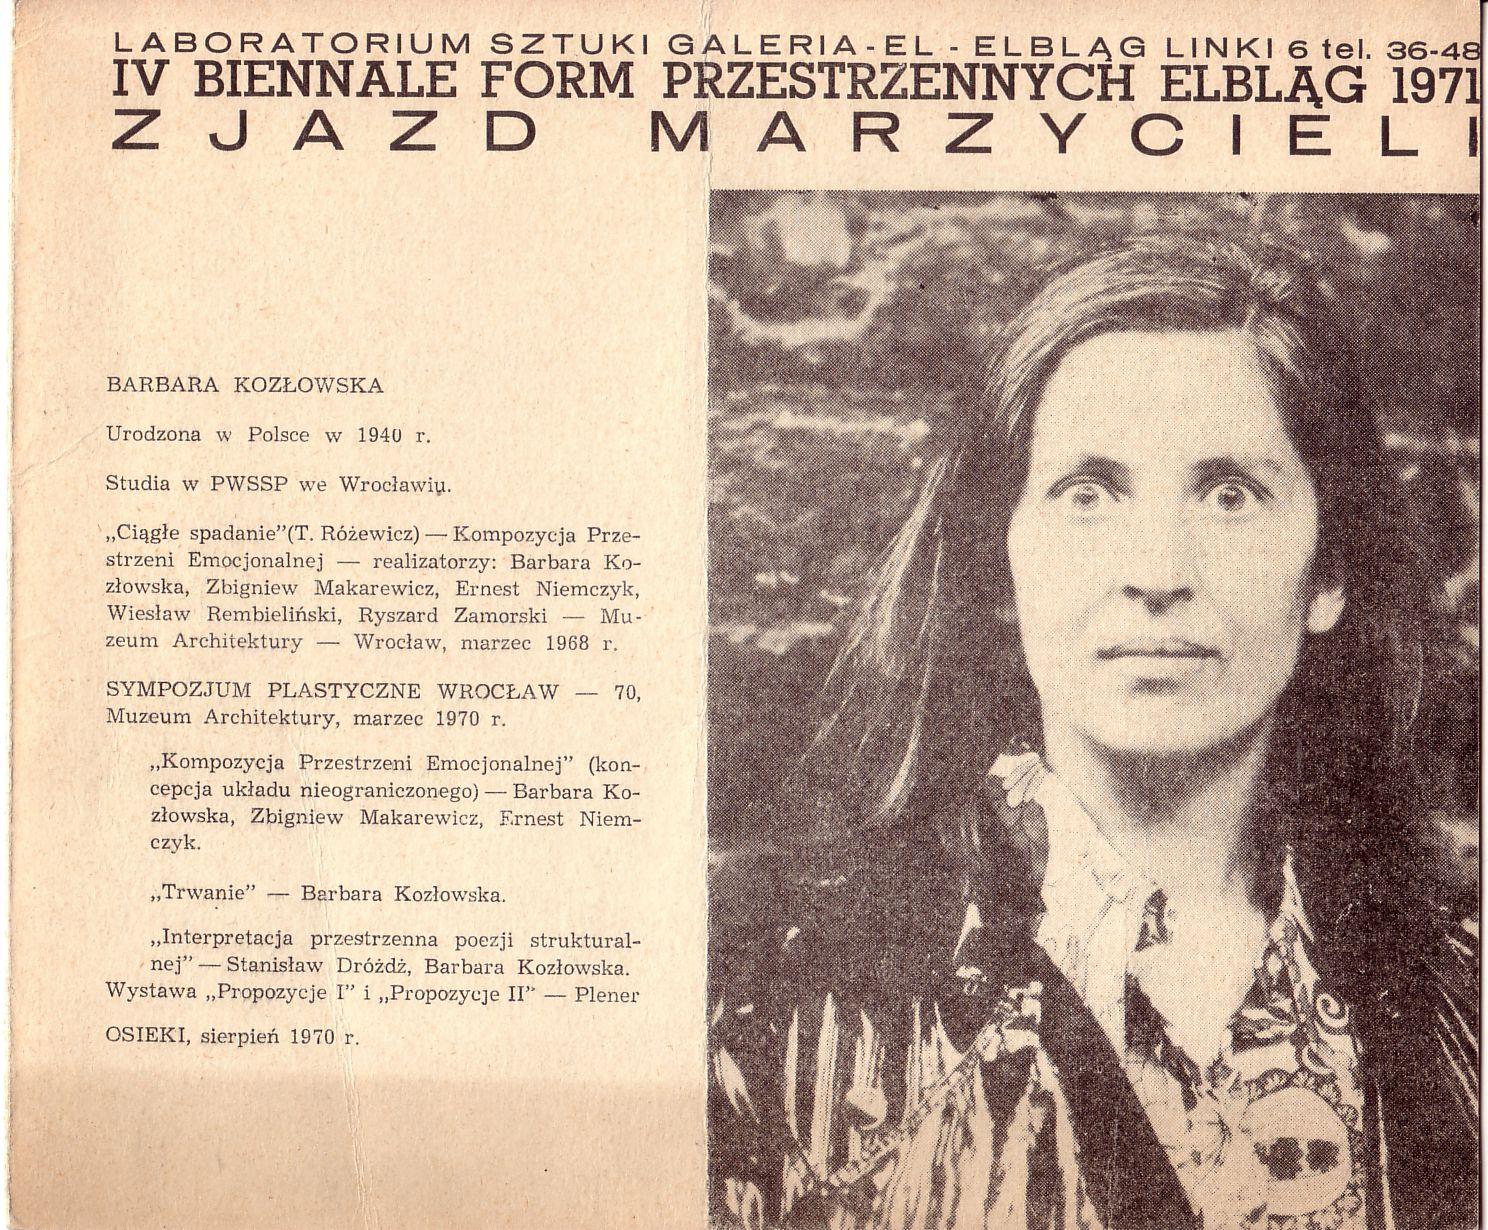 Zjazd Marzycieli 1971